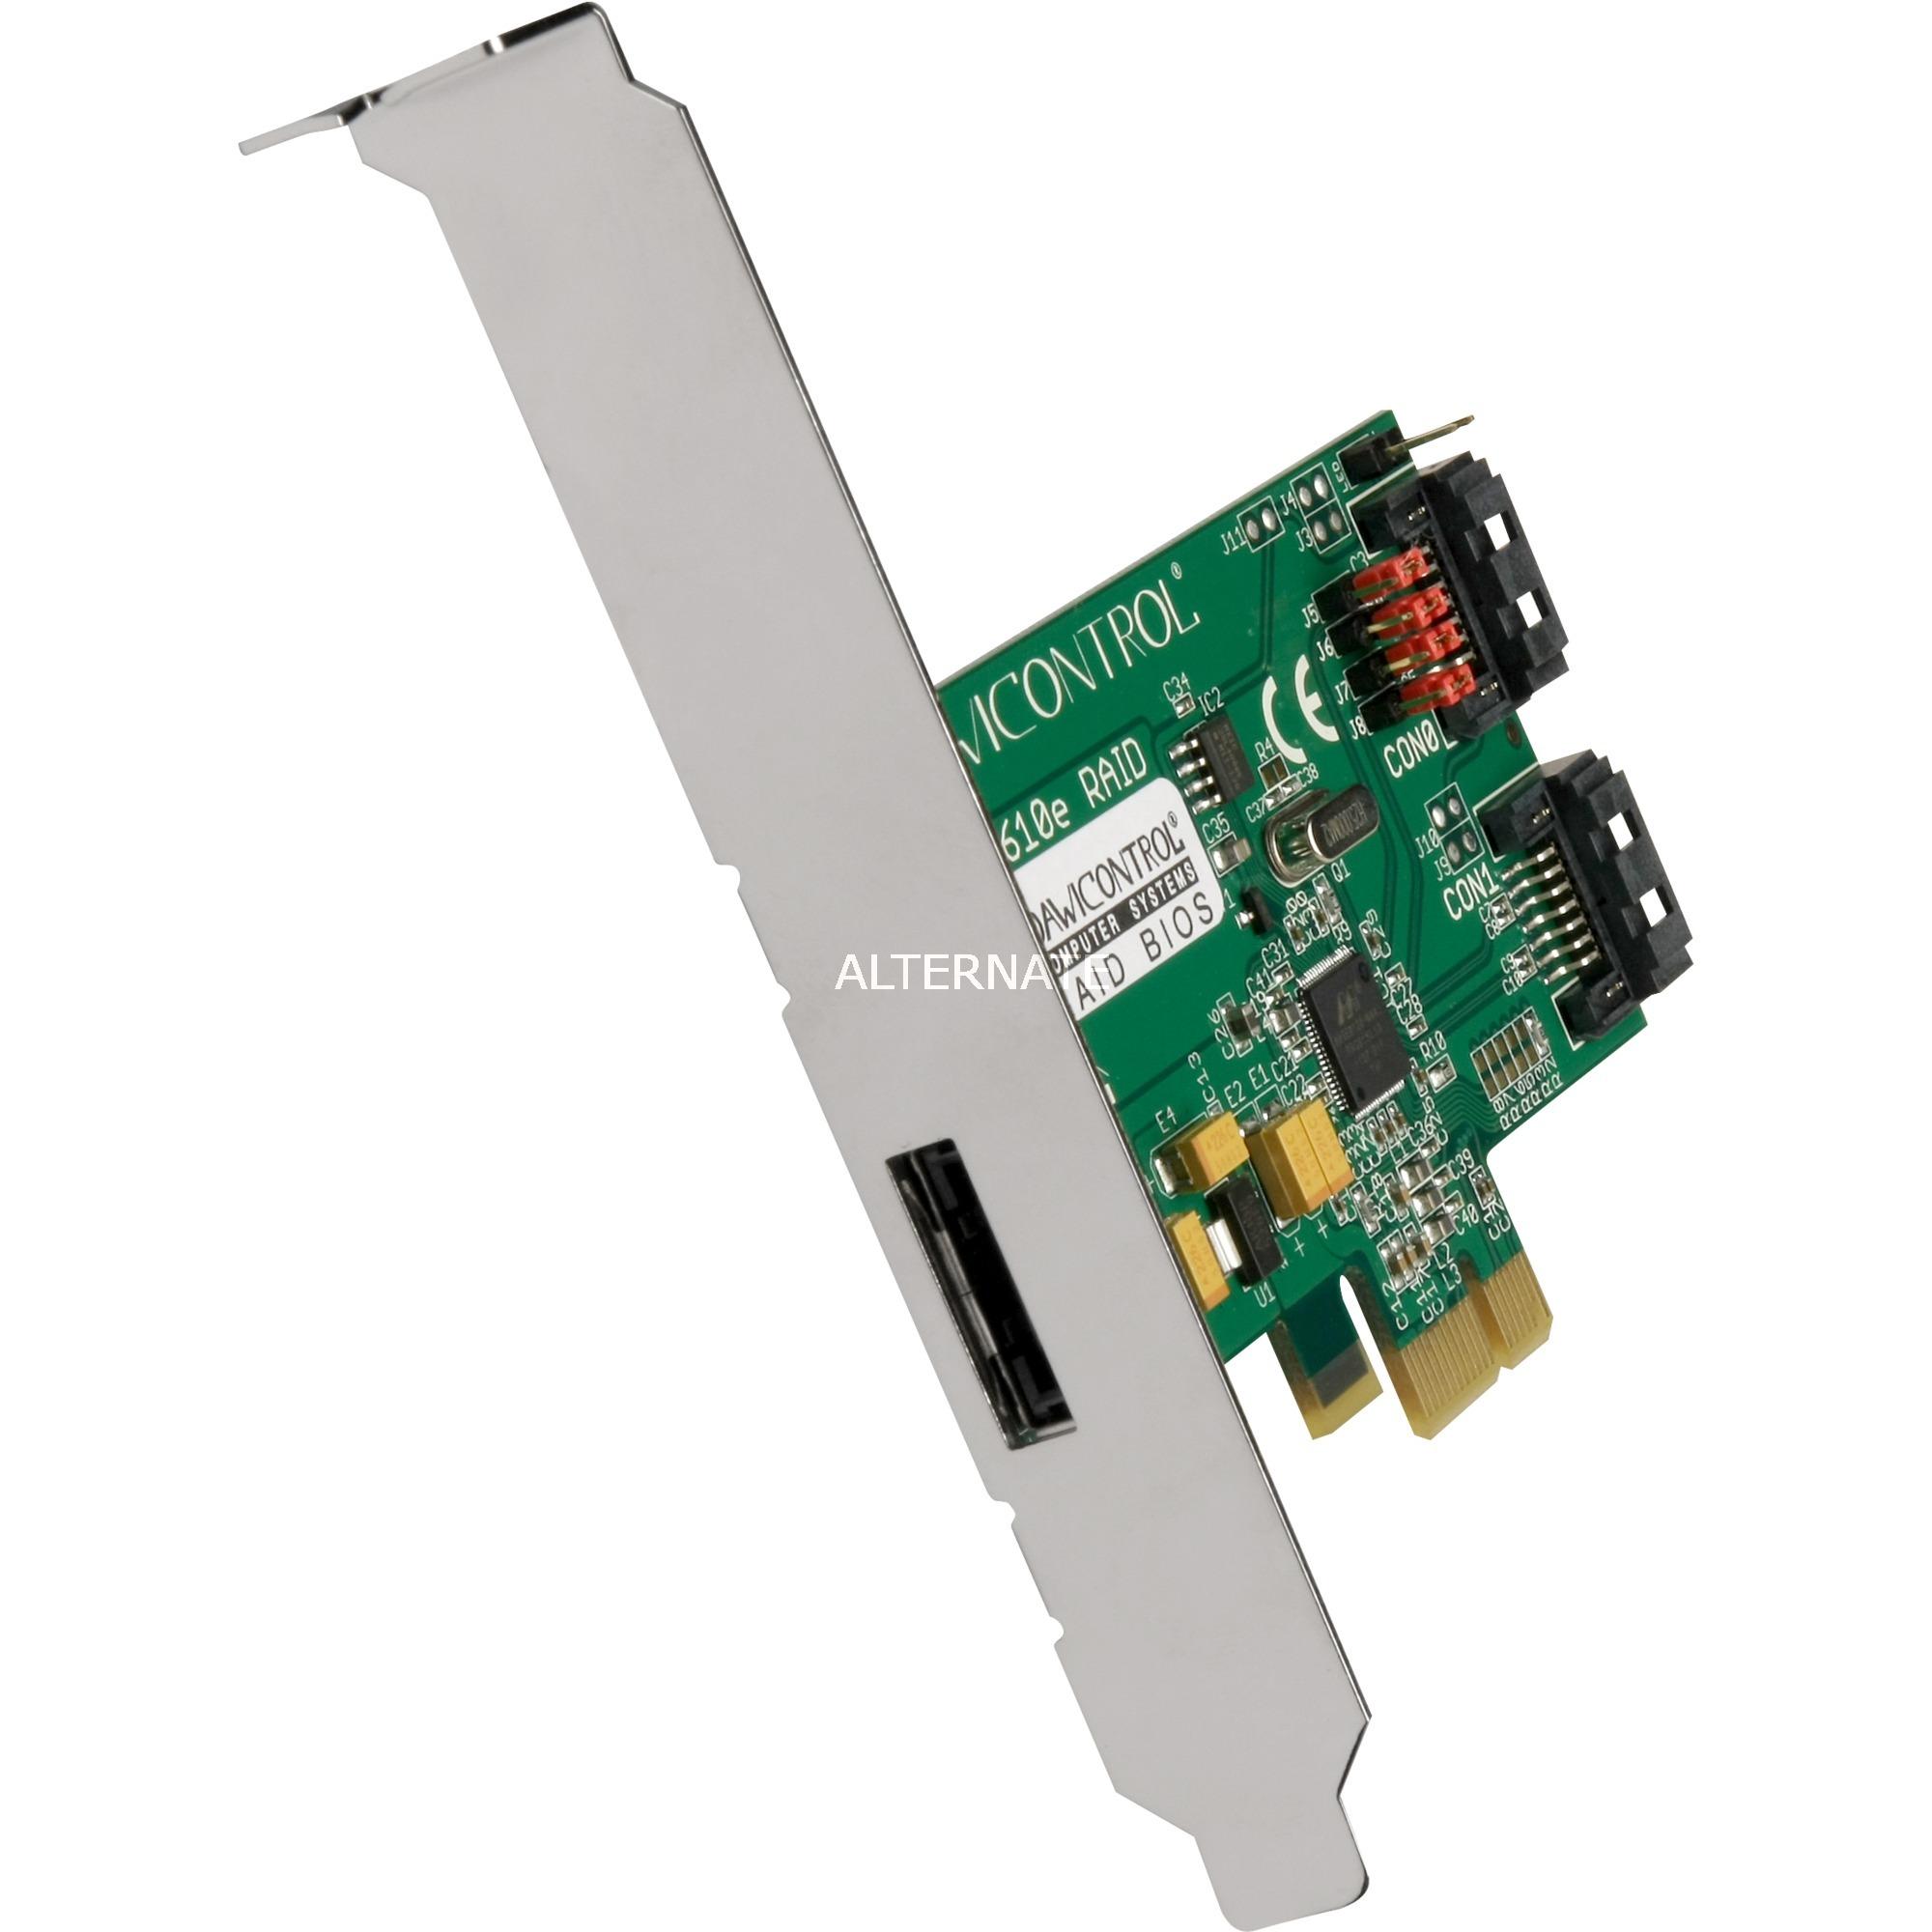 DC-610E RAID 2.0 5Gbit/s controlado RAID, Controlador